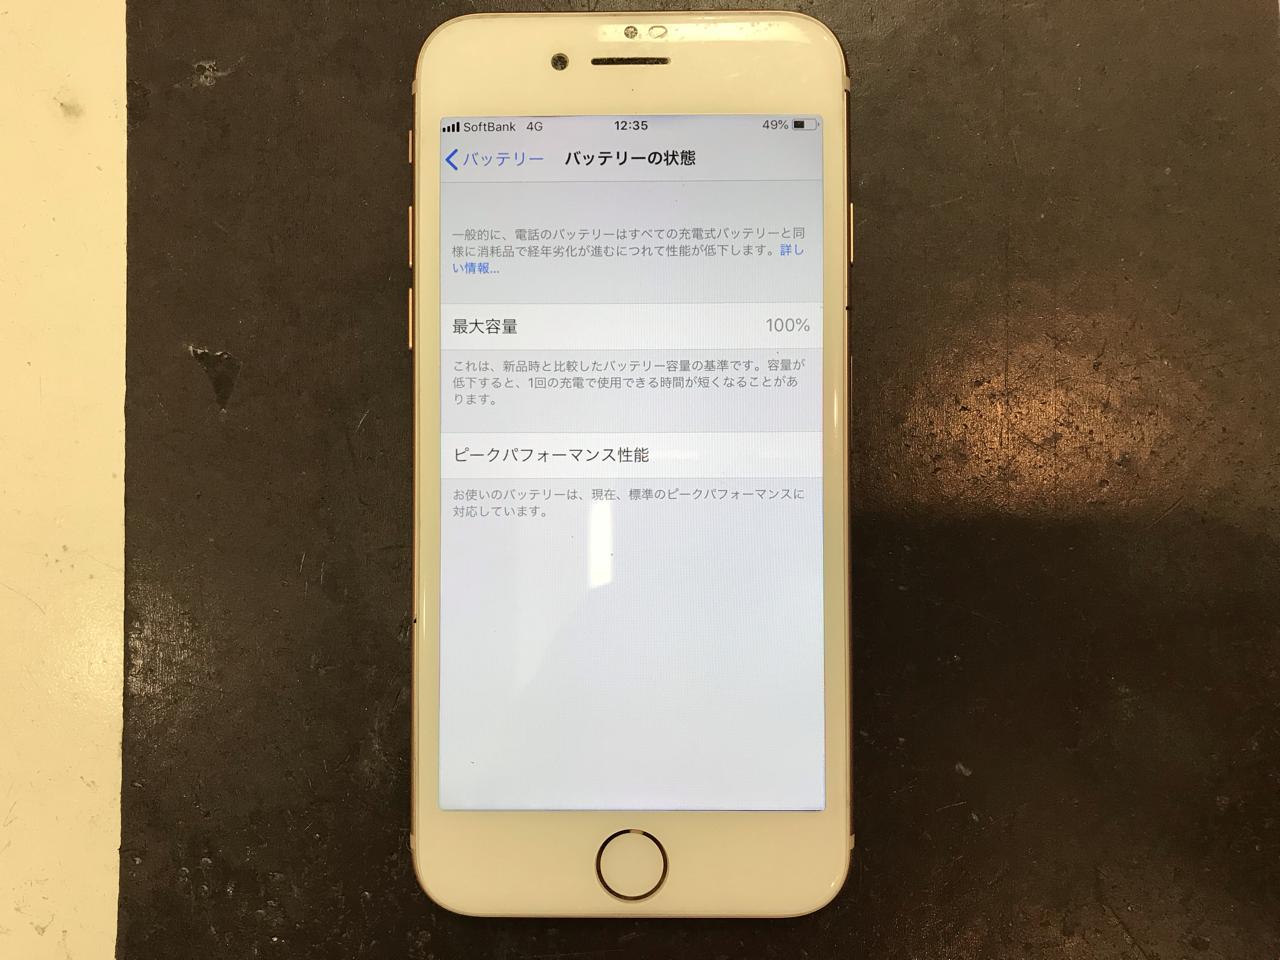 70b3c0f5-5e6e-4166-85f3-deb51068ae9d_1541829182_-874240987 充電をしても急激に残量が減ってしまうiPhone6のバッテリー交換をしました!